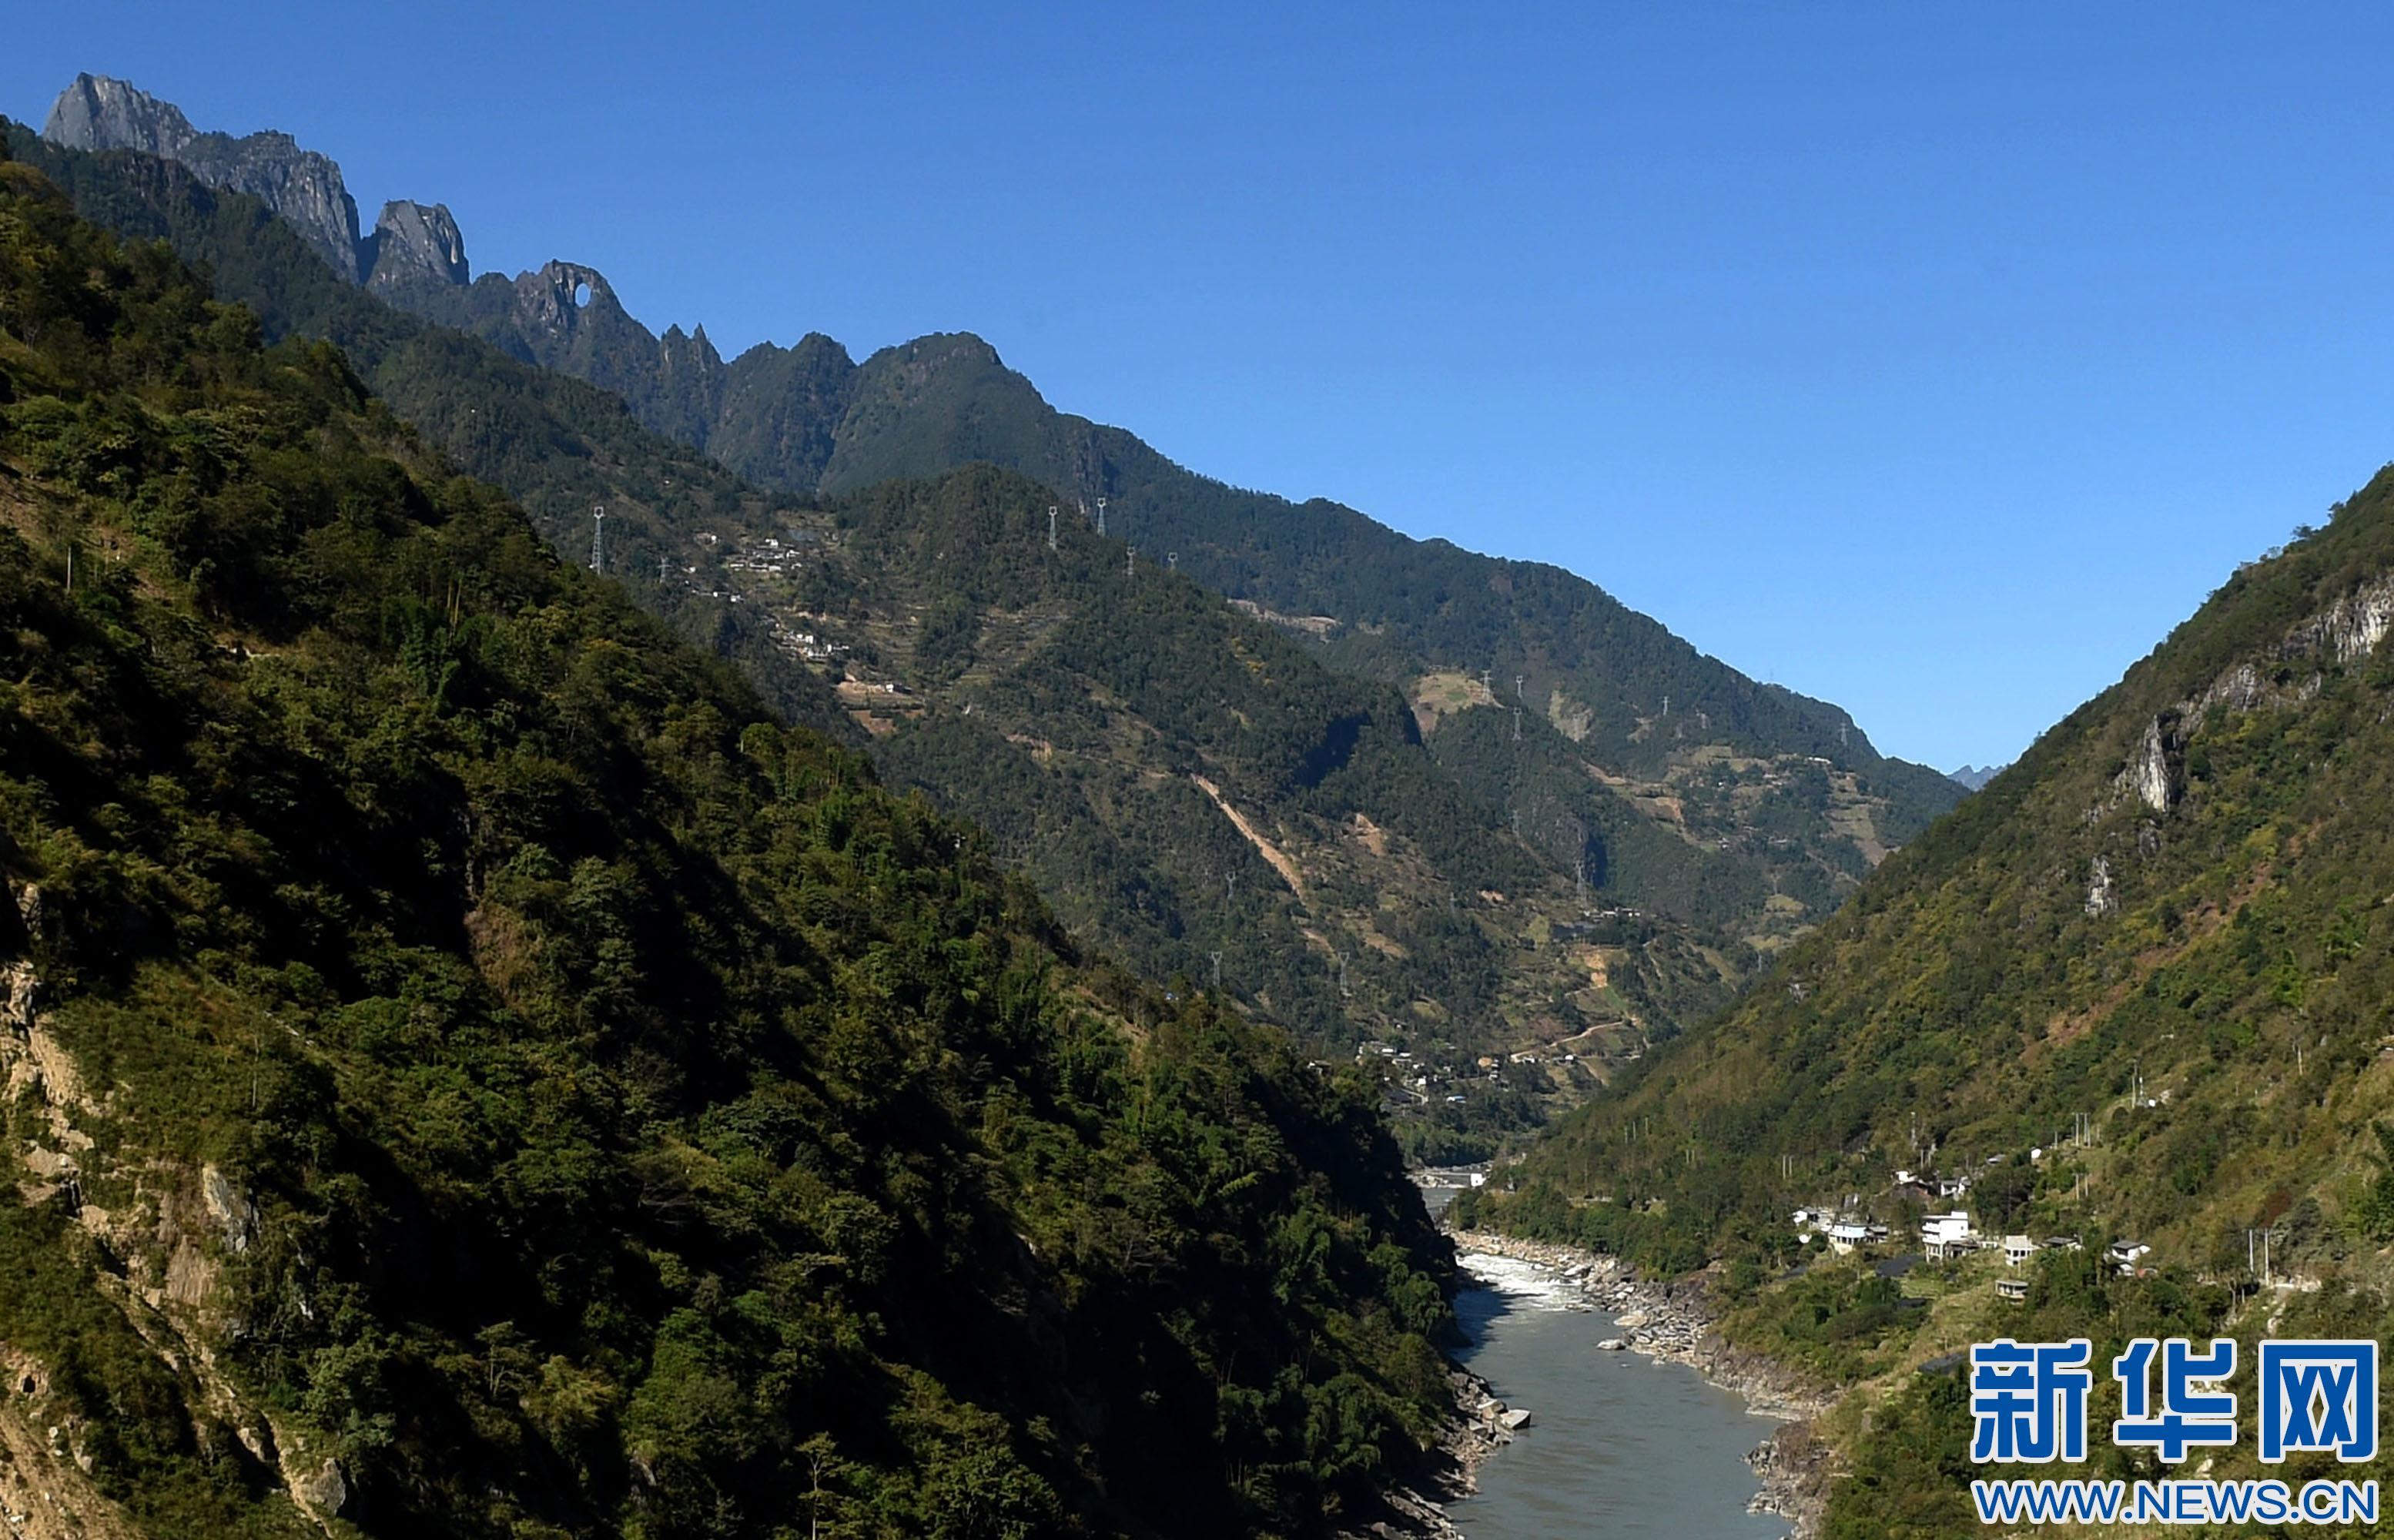 在云南省怒江傈僳族自治州福贡县境内的怒江大峡谷海拔3000多米的